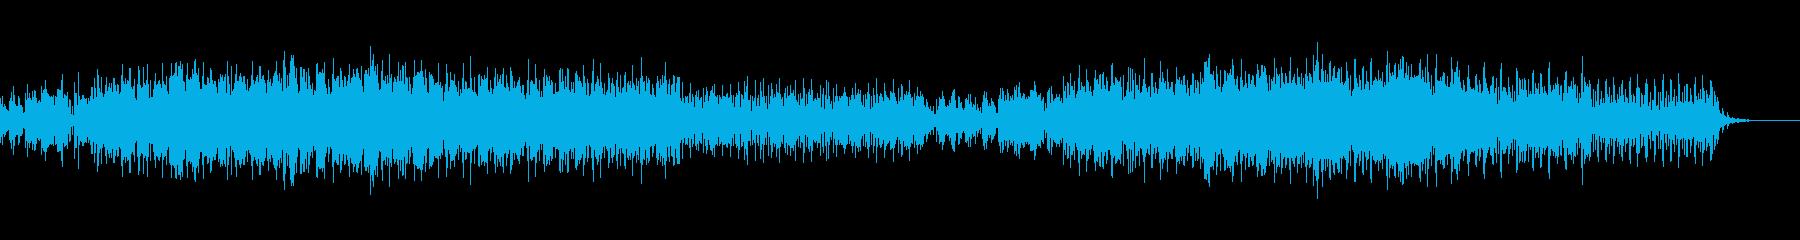 テンポ良く楽しいリズムのテクノサウンドの再生済みの波形